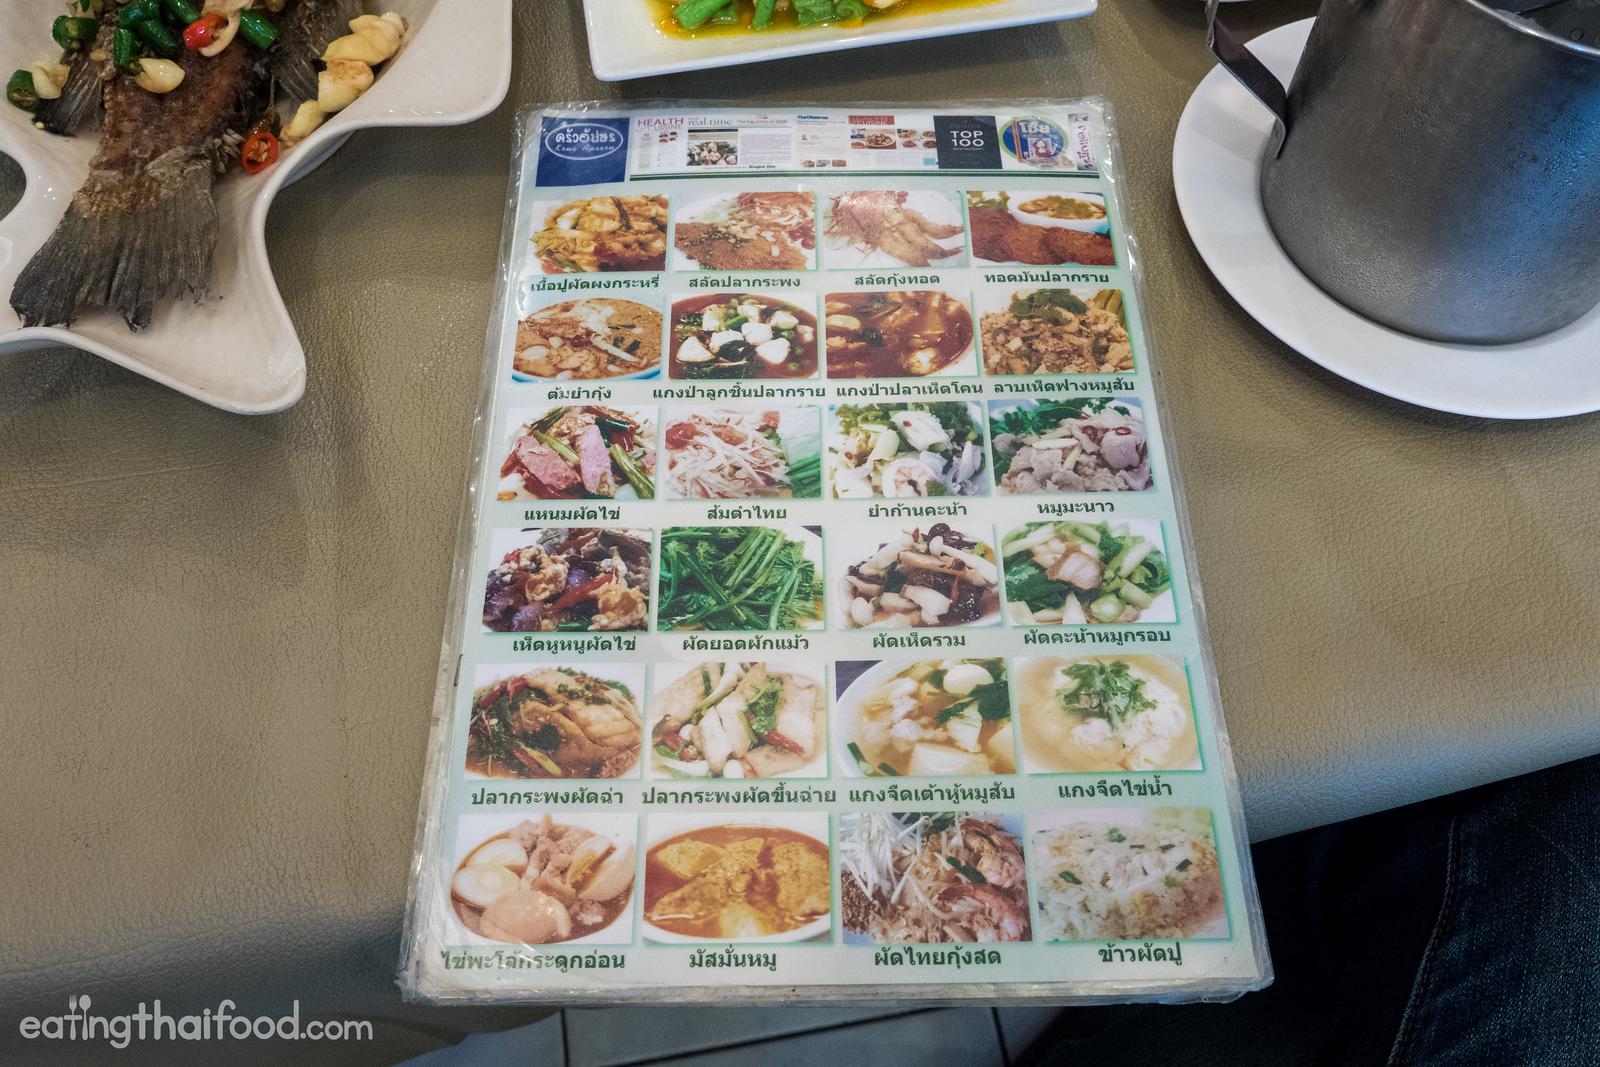 Krua Apsorn Restaurant in Bangkok